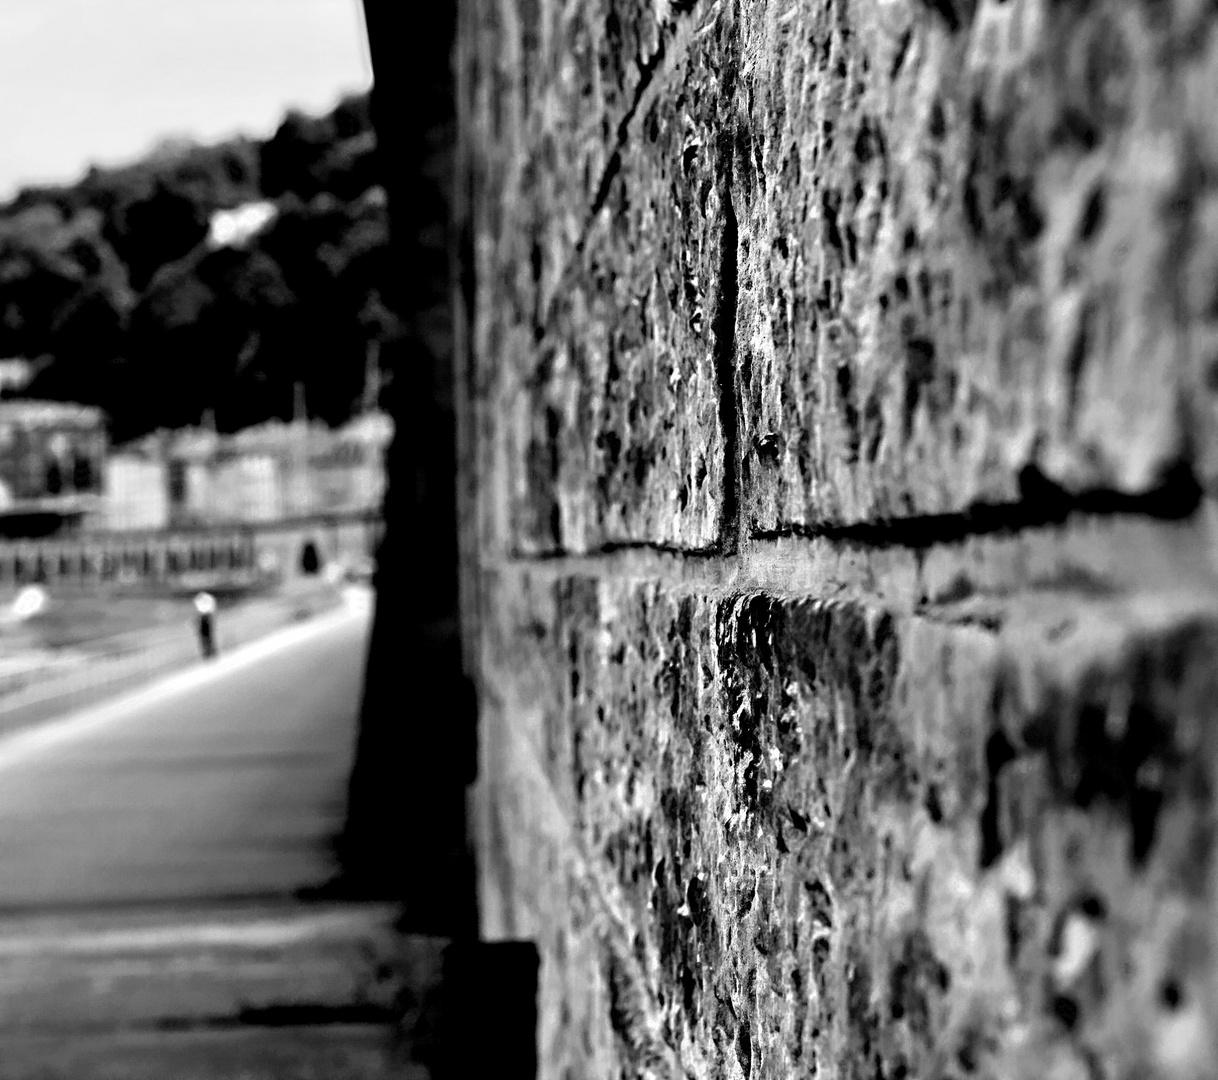 Elbufer unterhalb der Festung Königstein